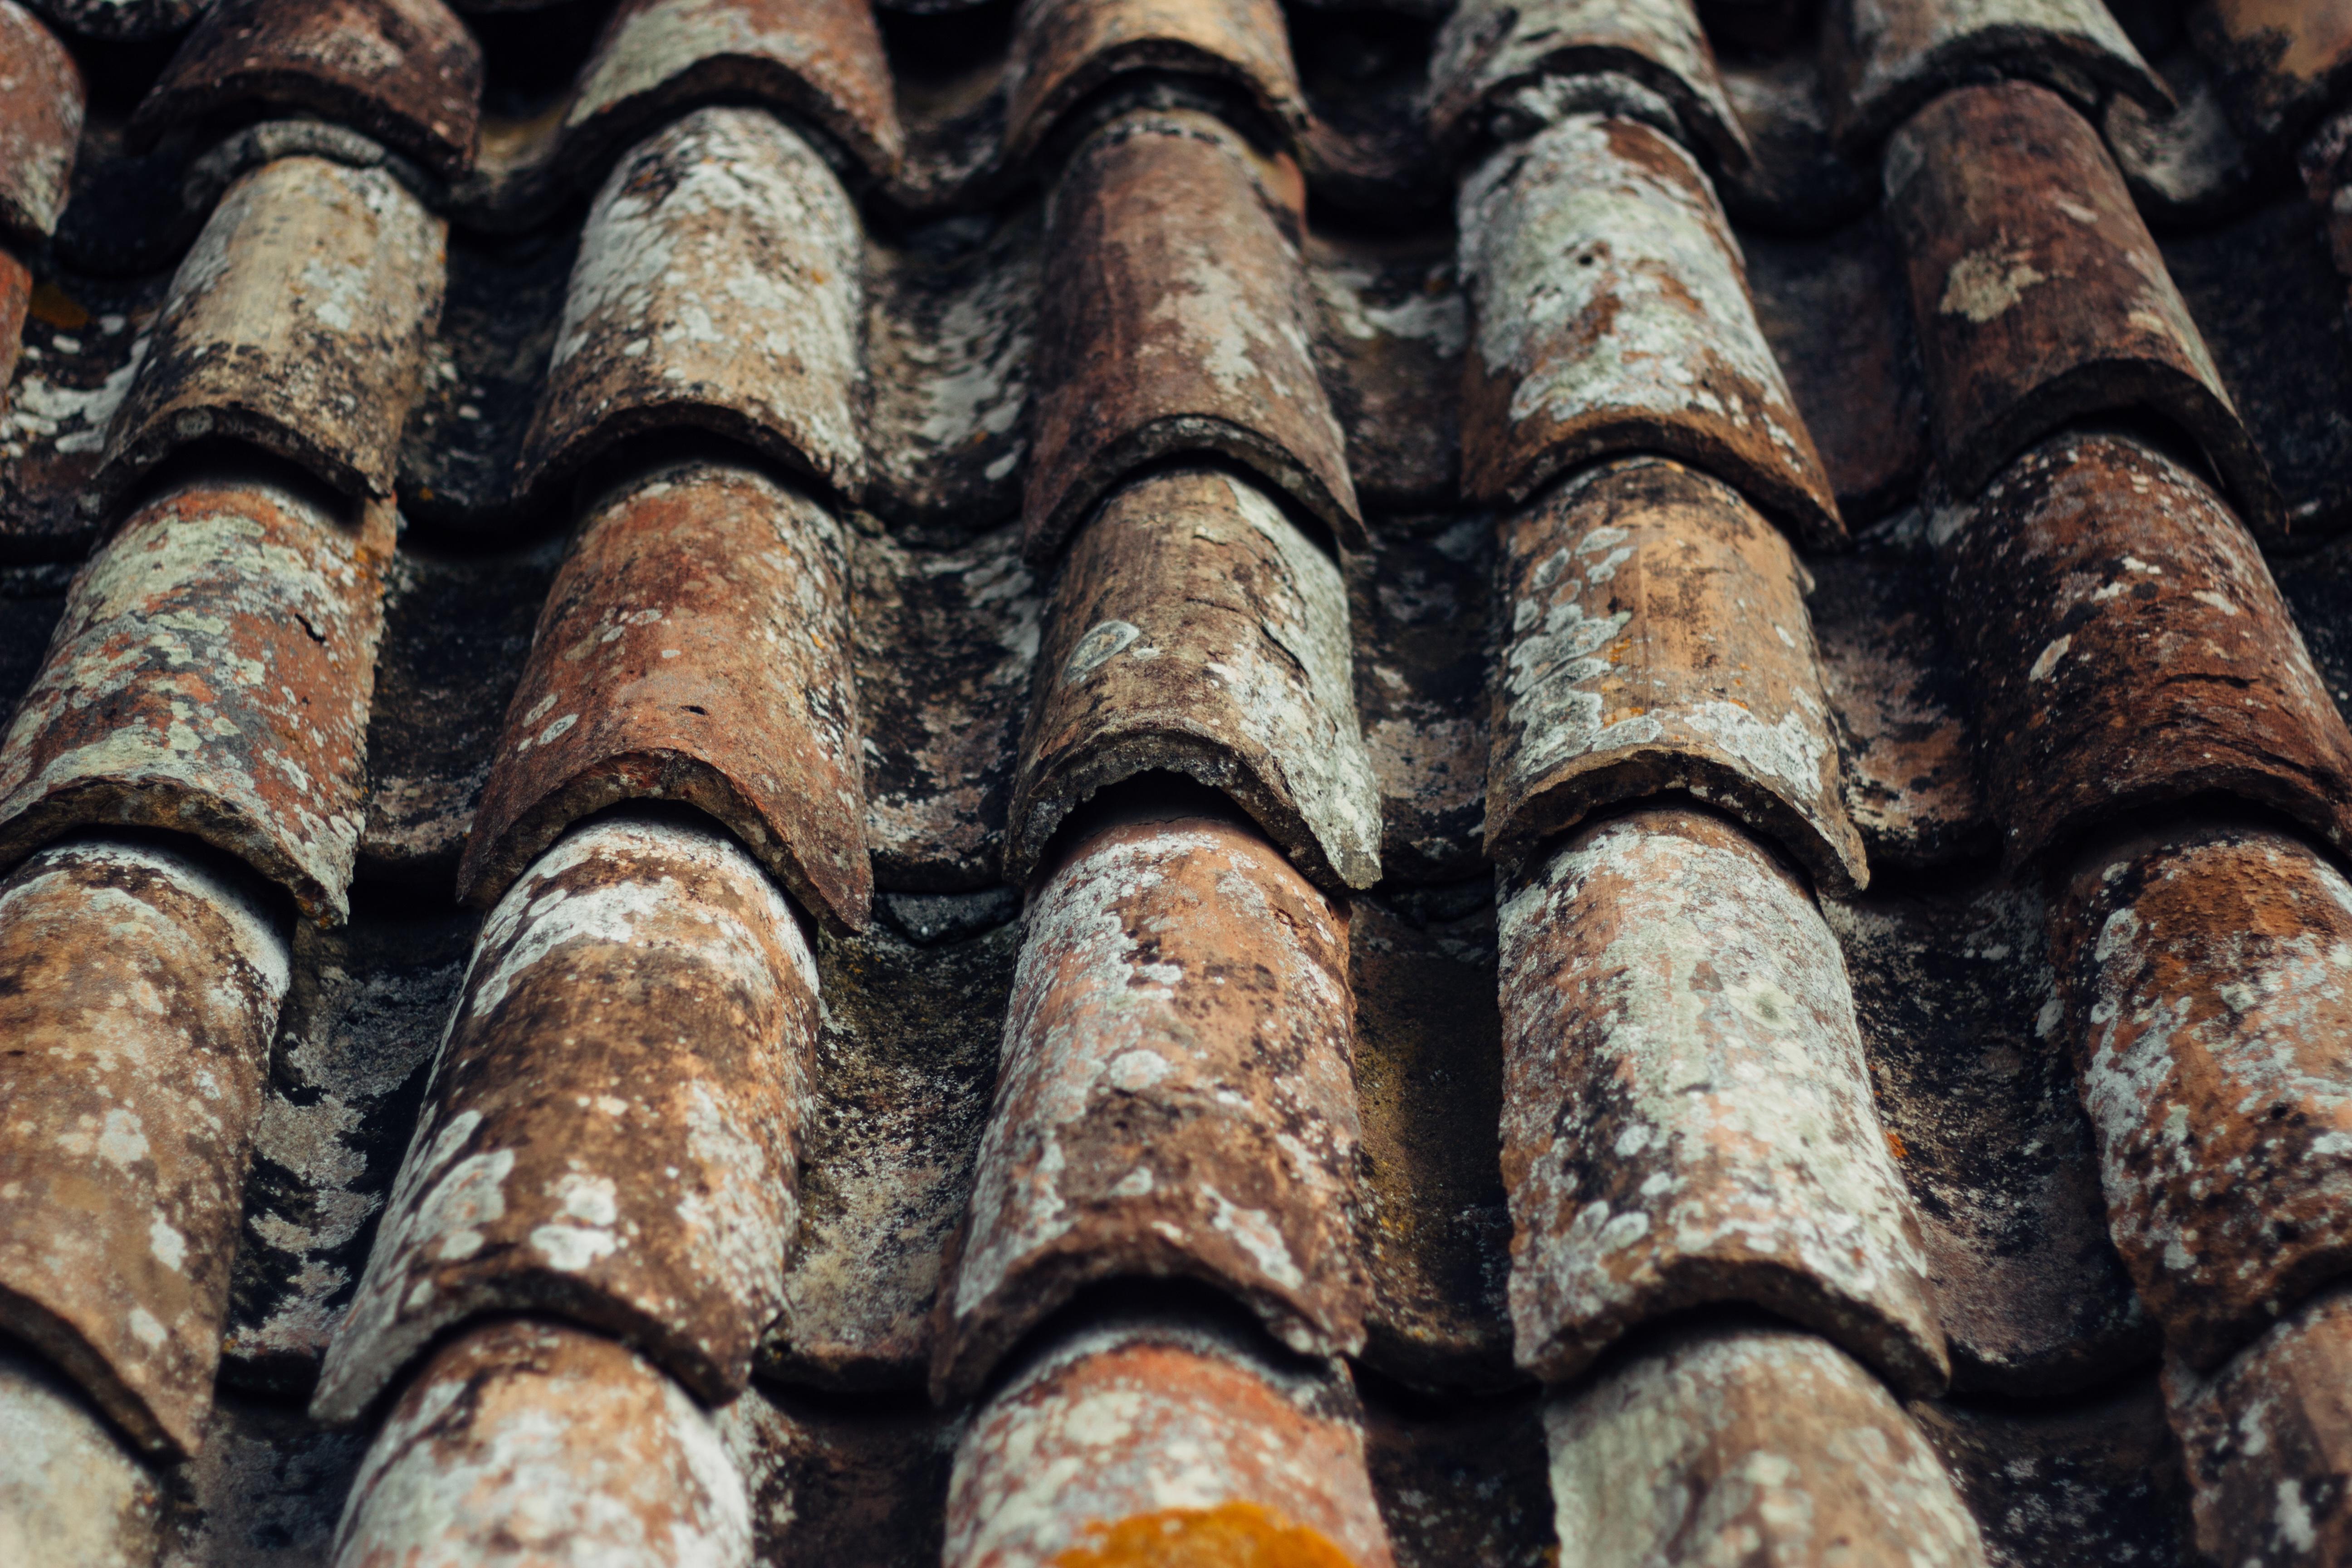 Kosten van een nieuw dak de prijs van dakpannen en dakbedekking